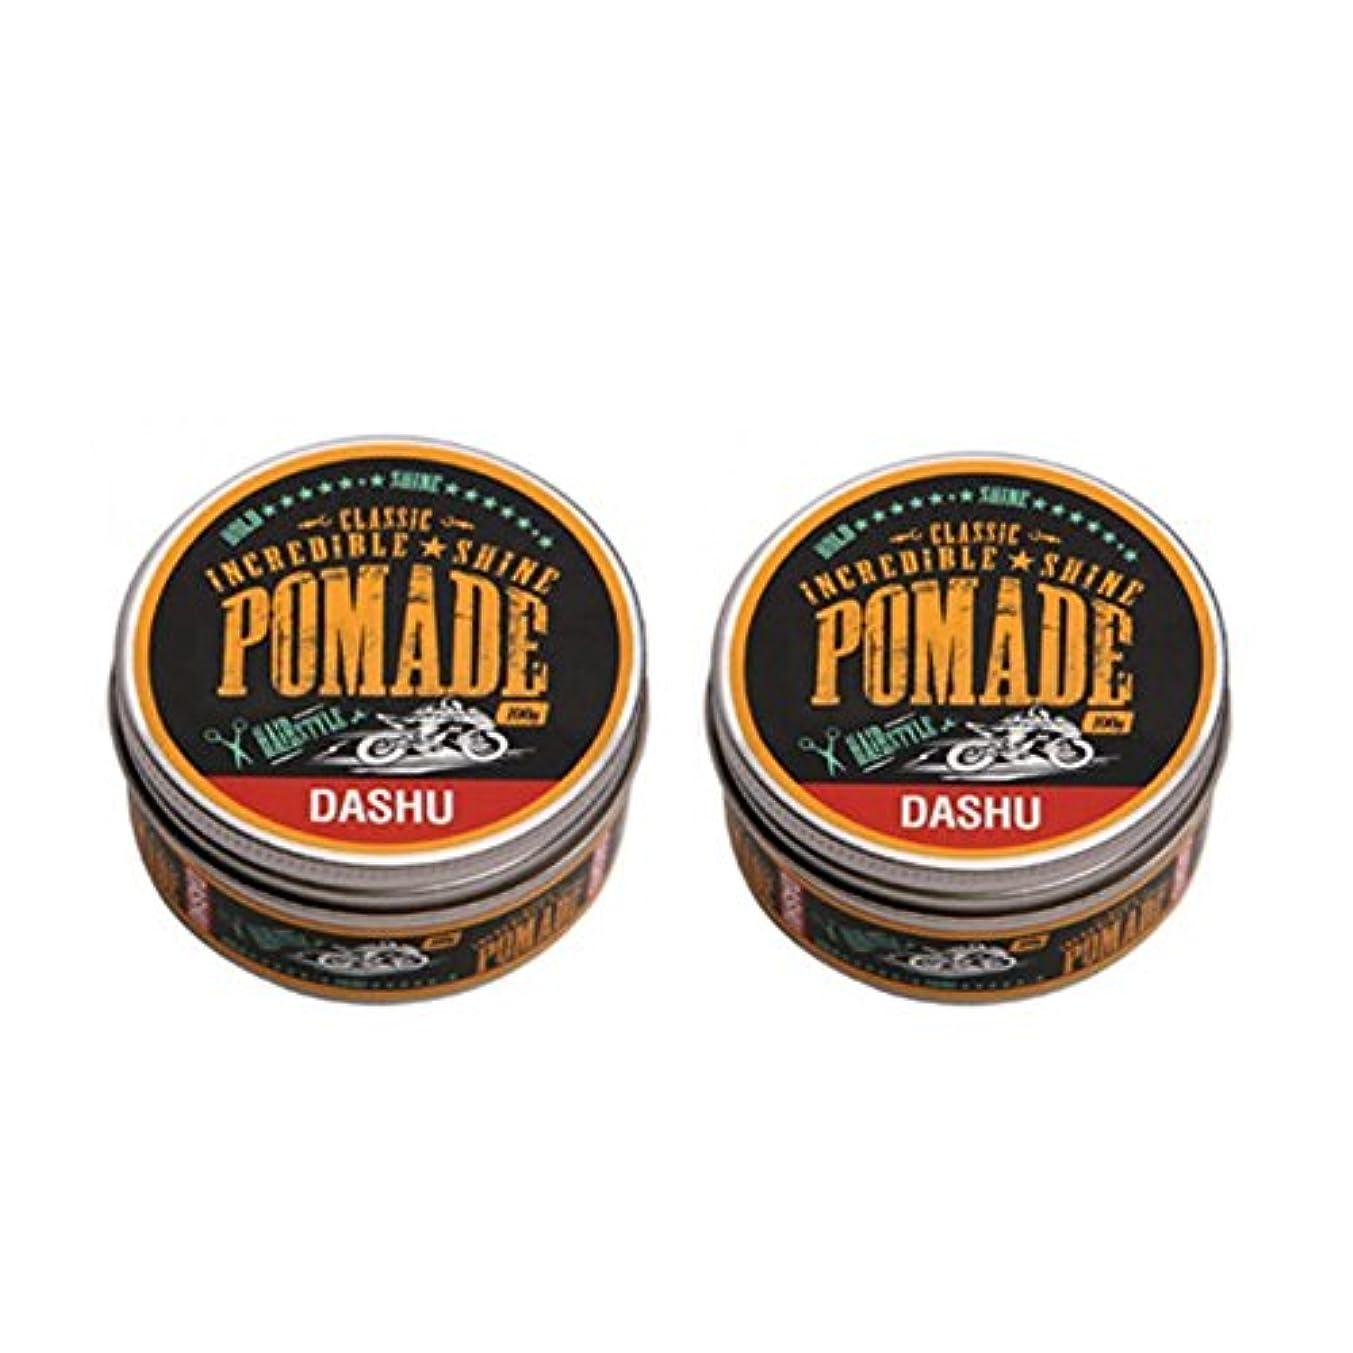 (2個セット) x [DASHU] ダシュ クラシック 信じられないほどの輝き ポマードワックス Classic Incredible Shine Pomade Hair Wax 100ml / 韓国製 . 韓国直送品